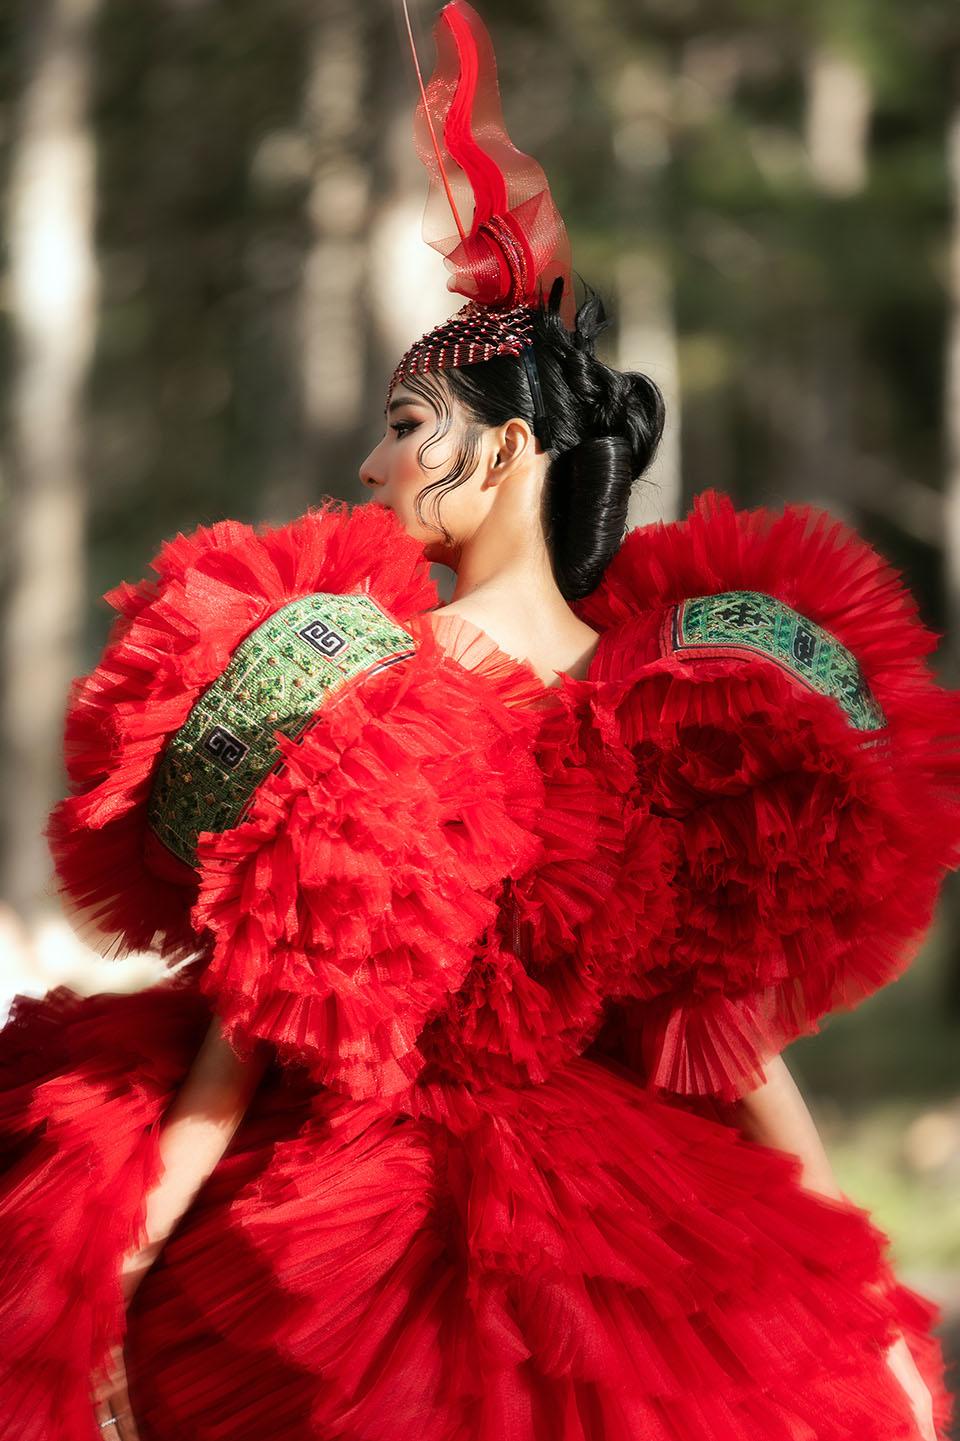 Hoàng Thuỳ làm vedette cho Lý Quí Khánh trong show diễn giữa rừng - 3